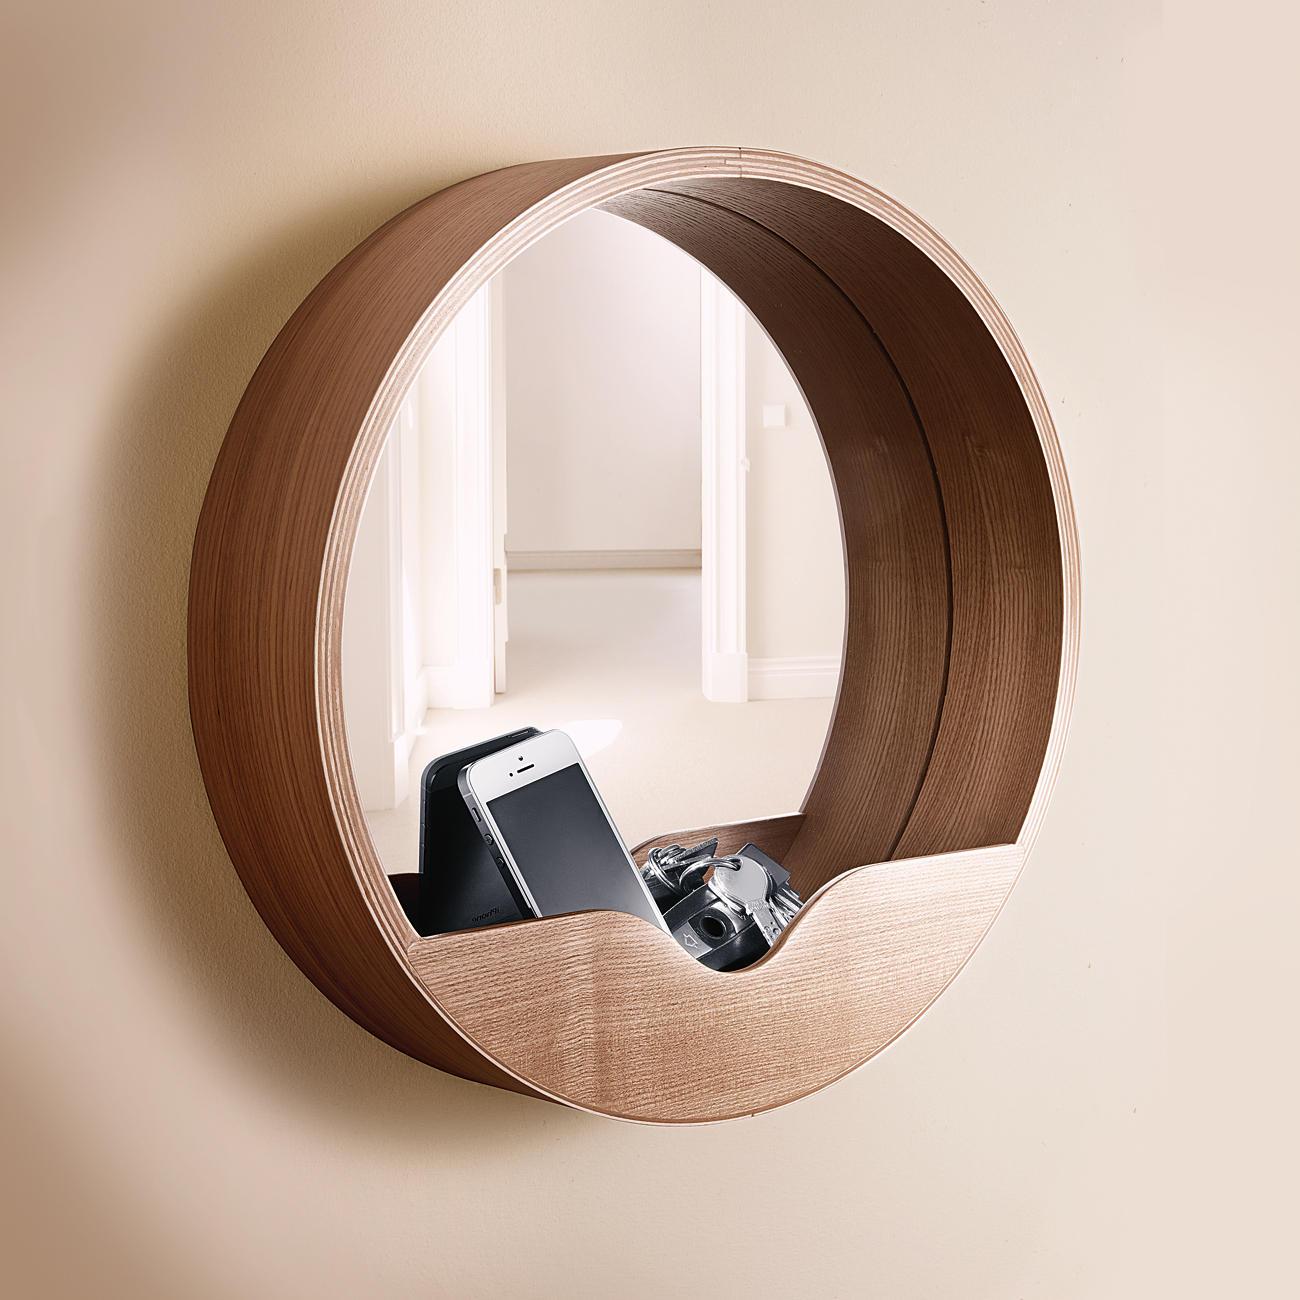 Buy Wall Mirror With Storage Shelf Online